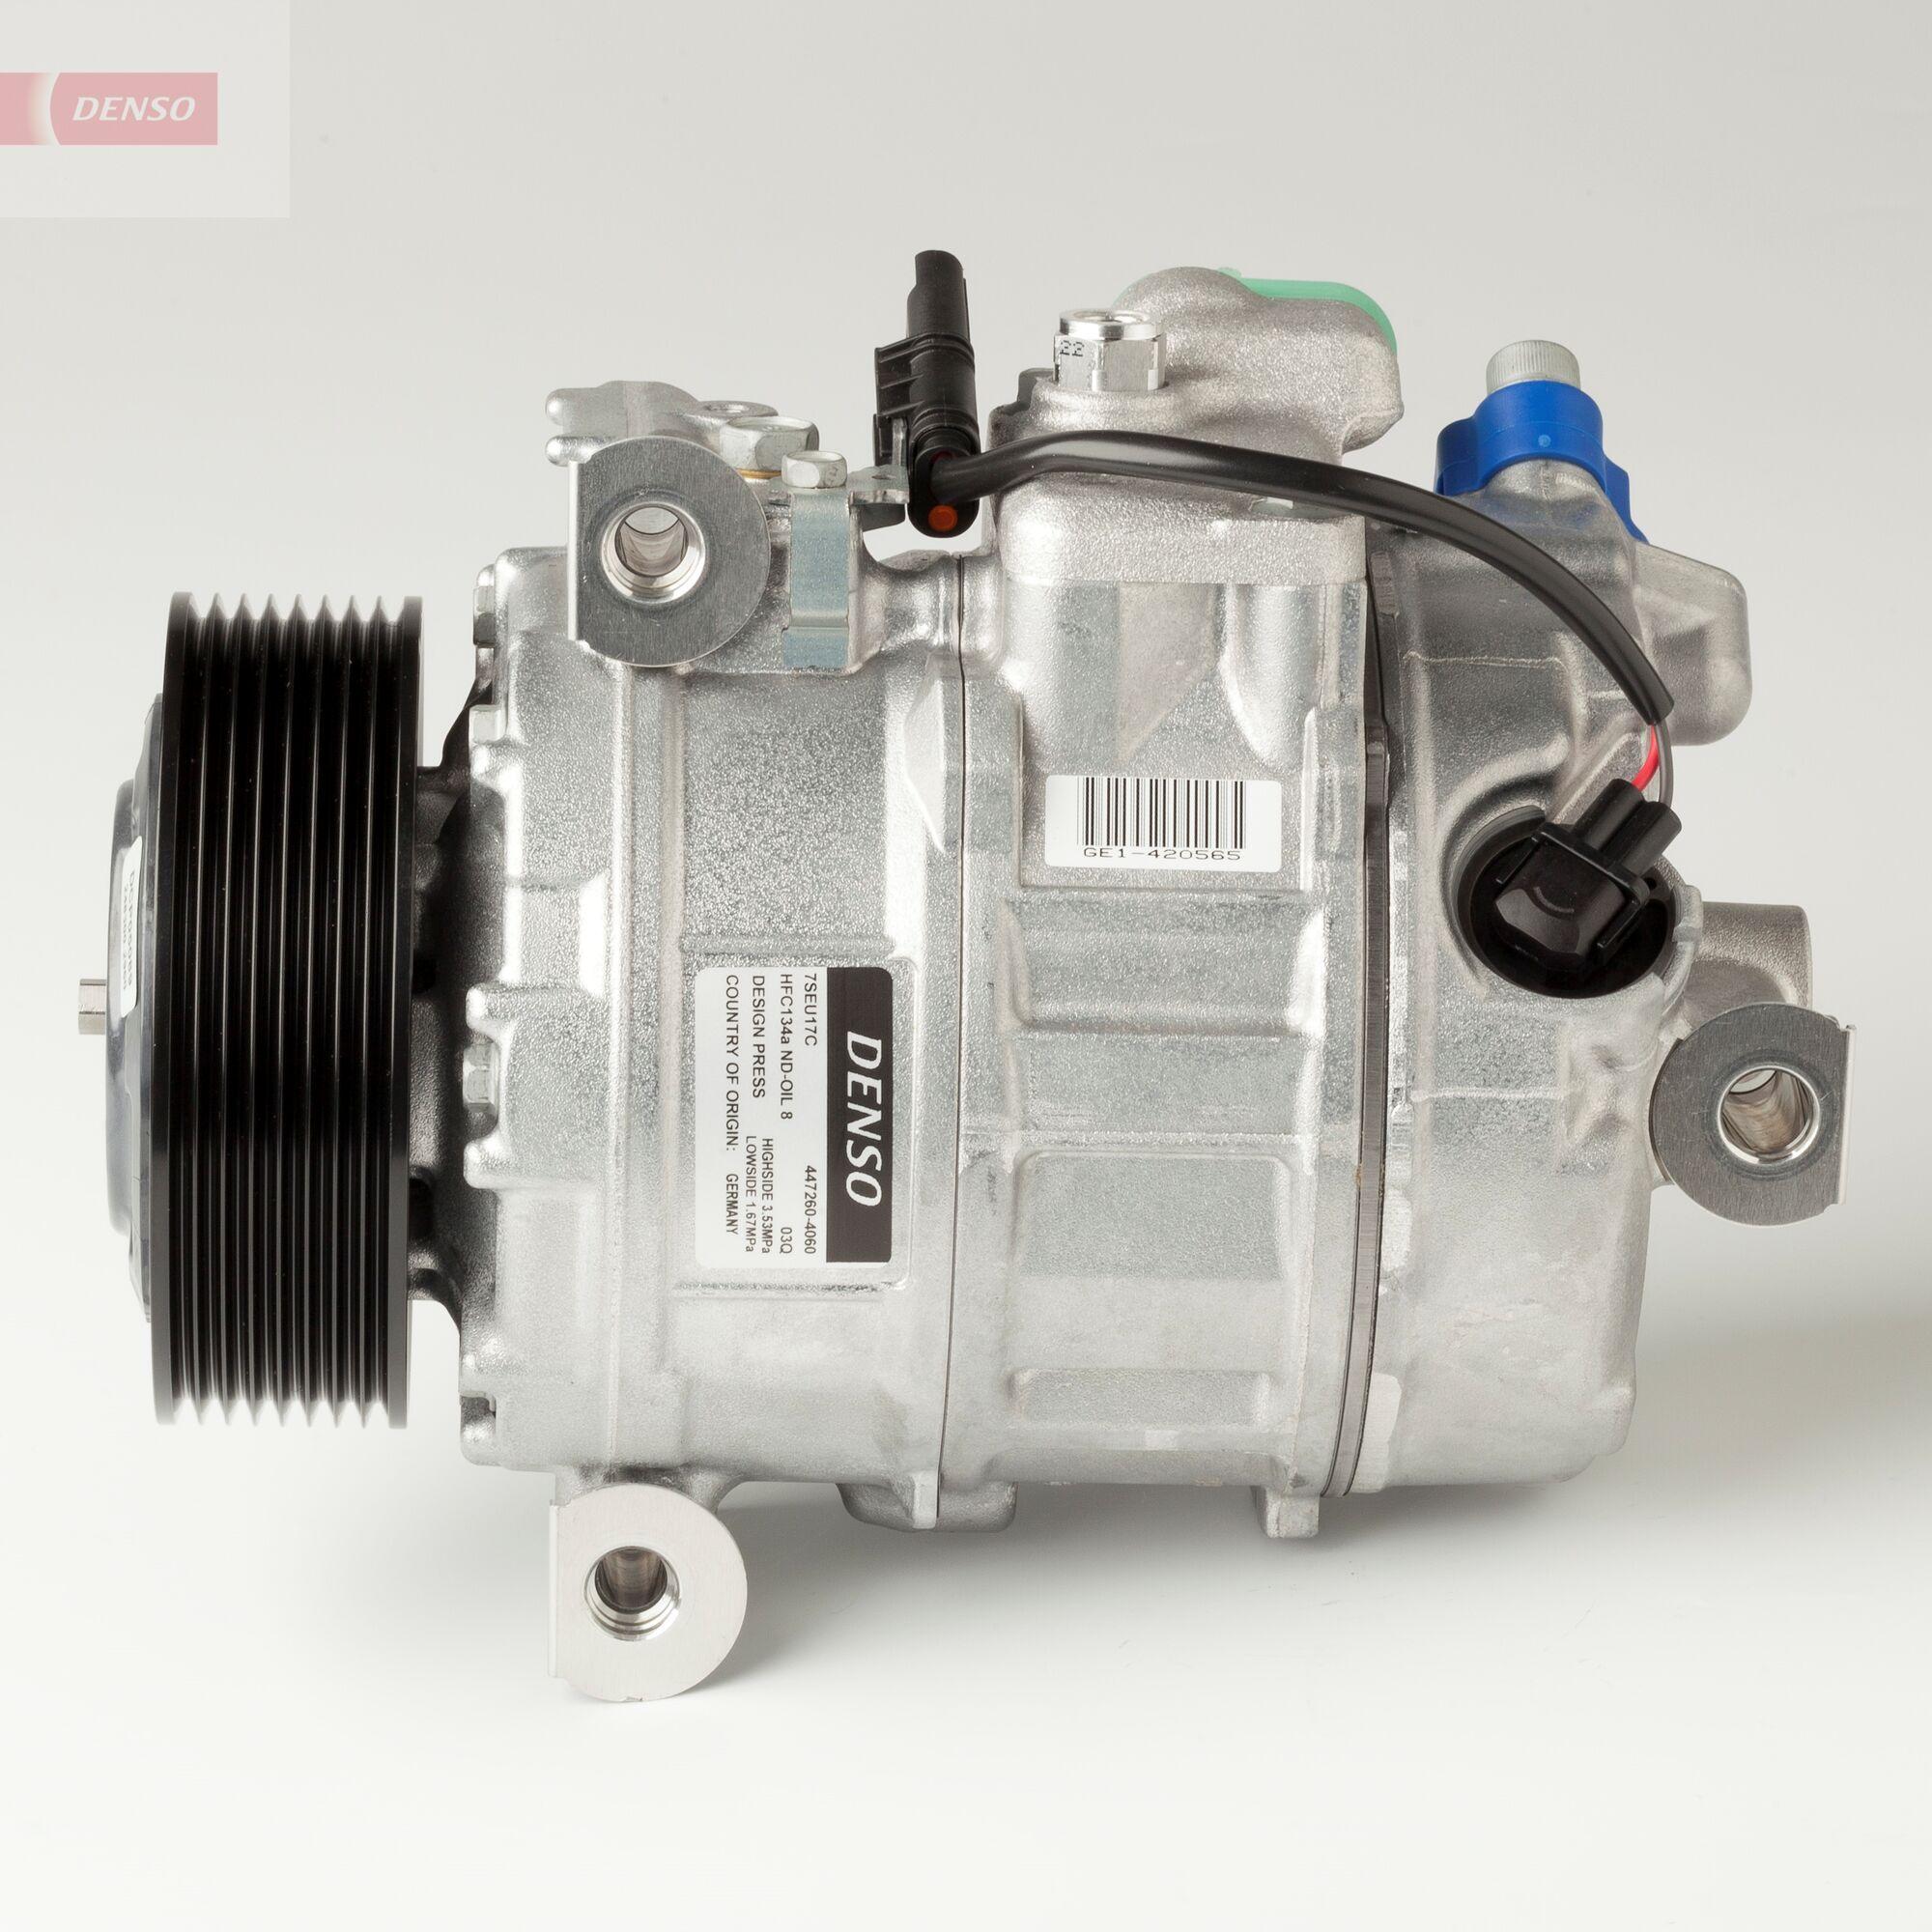 Kompressor DENSO DCP05089